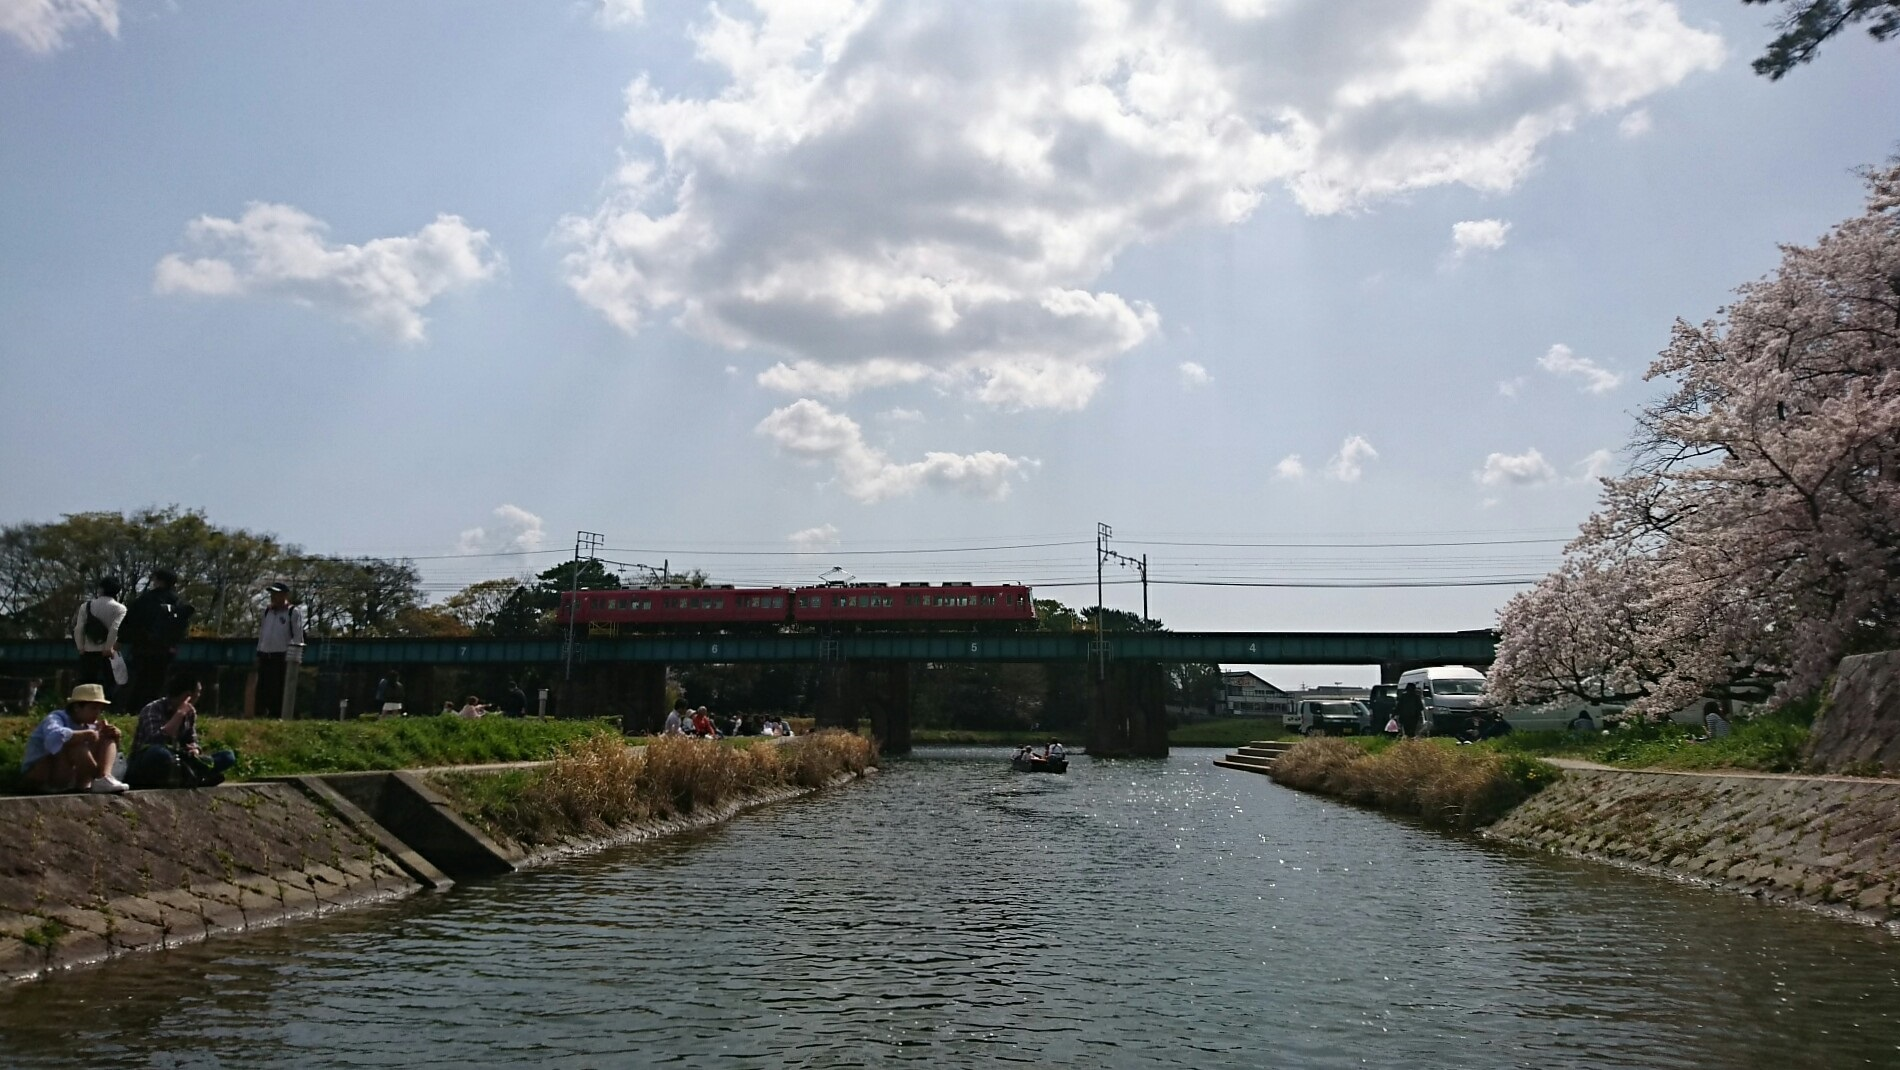 2018.3.31 岡崎ふなあそび (51) 伊賀川くだり - 名古屋本線鉄橋 1900-1070